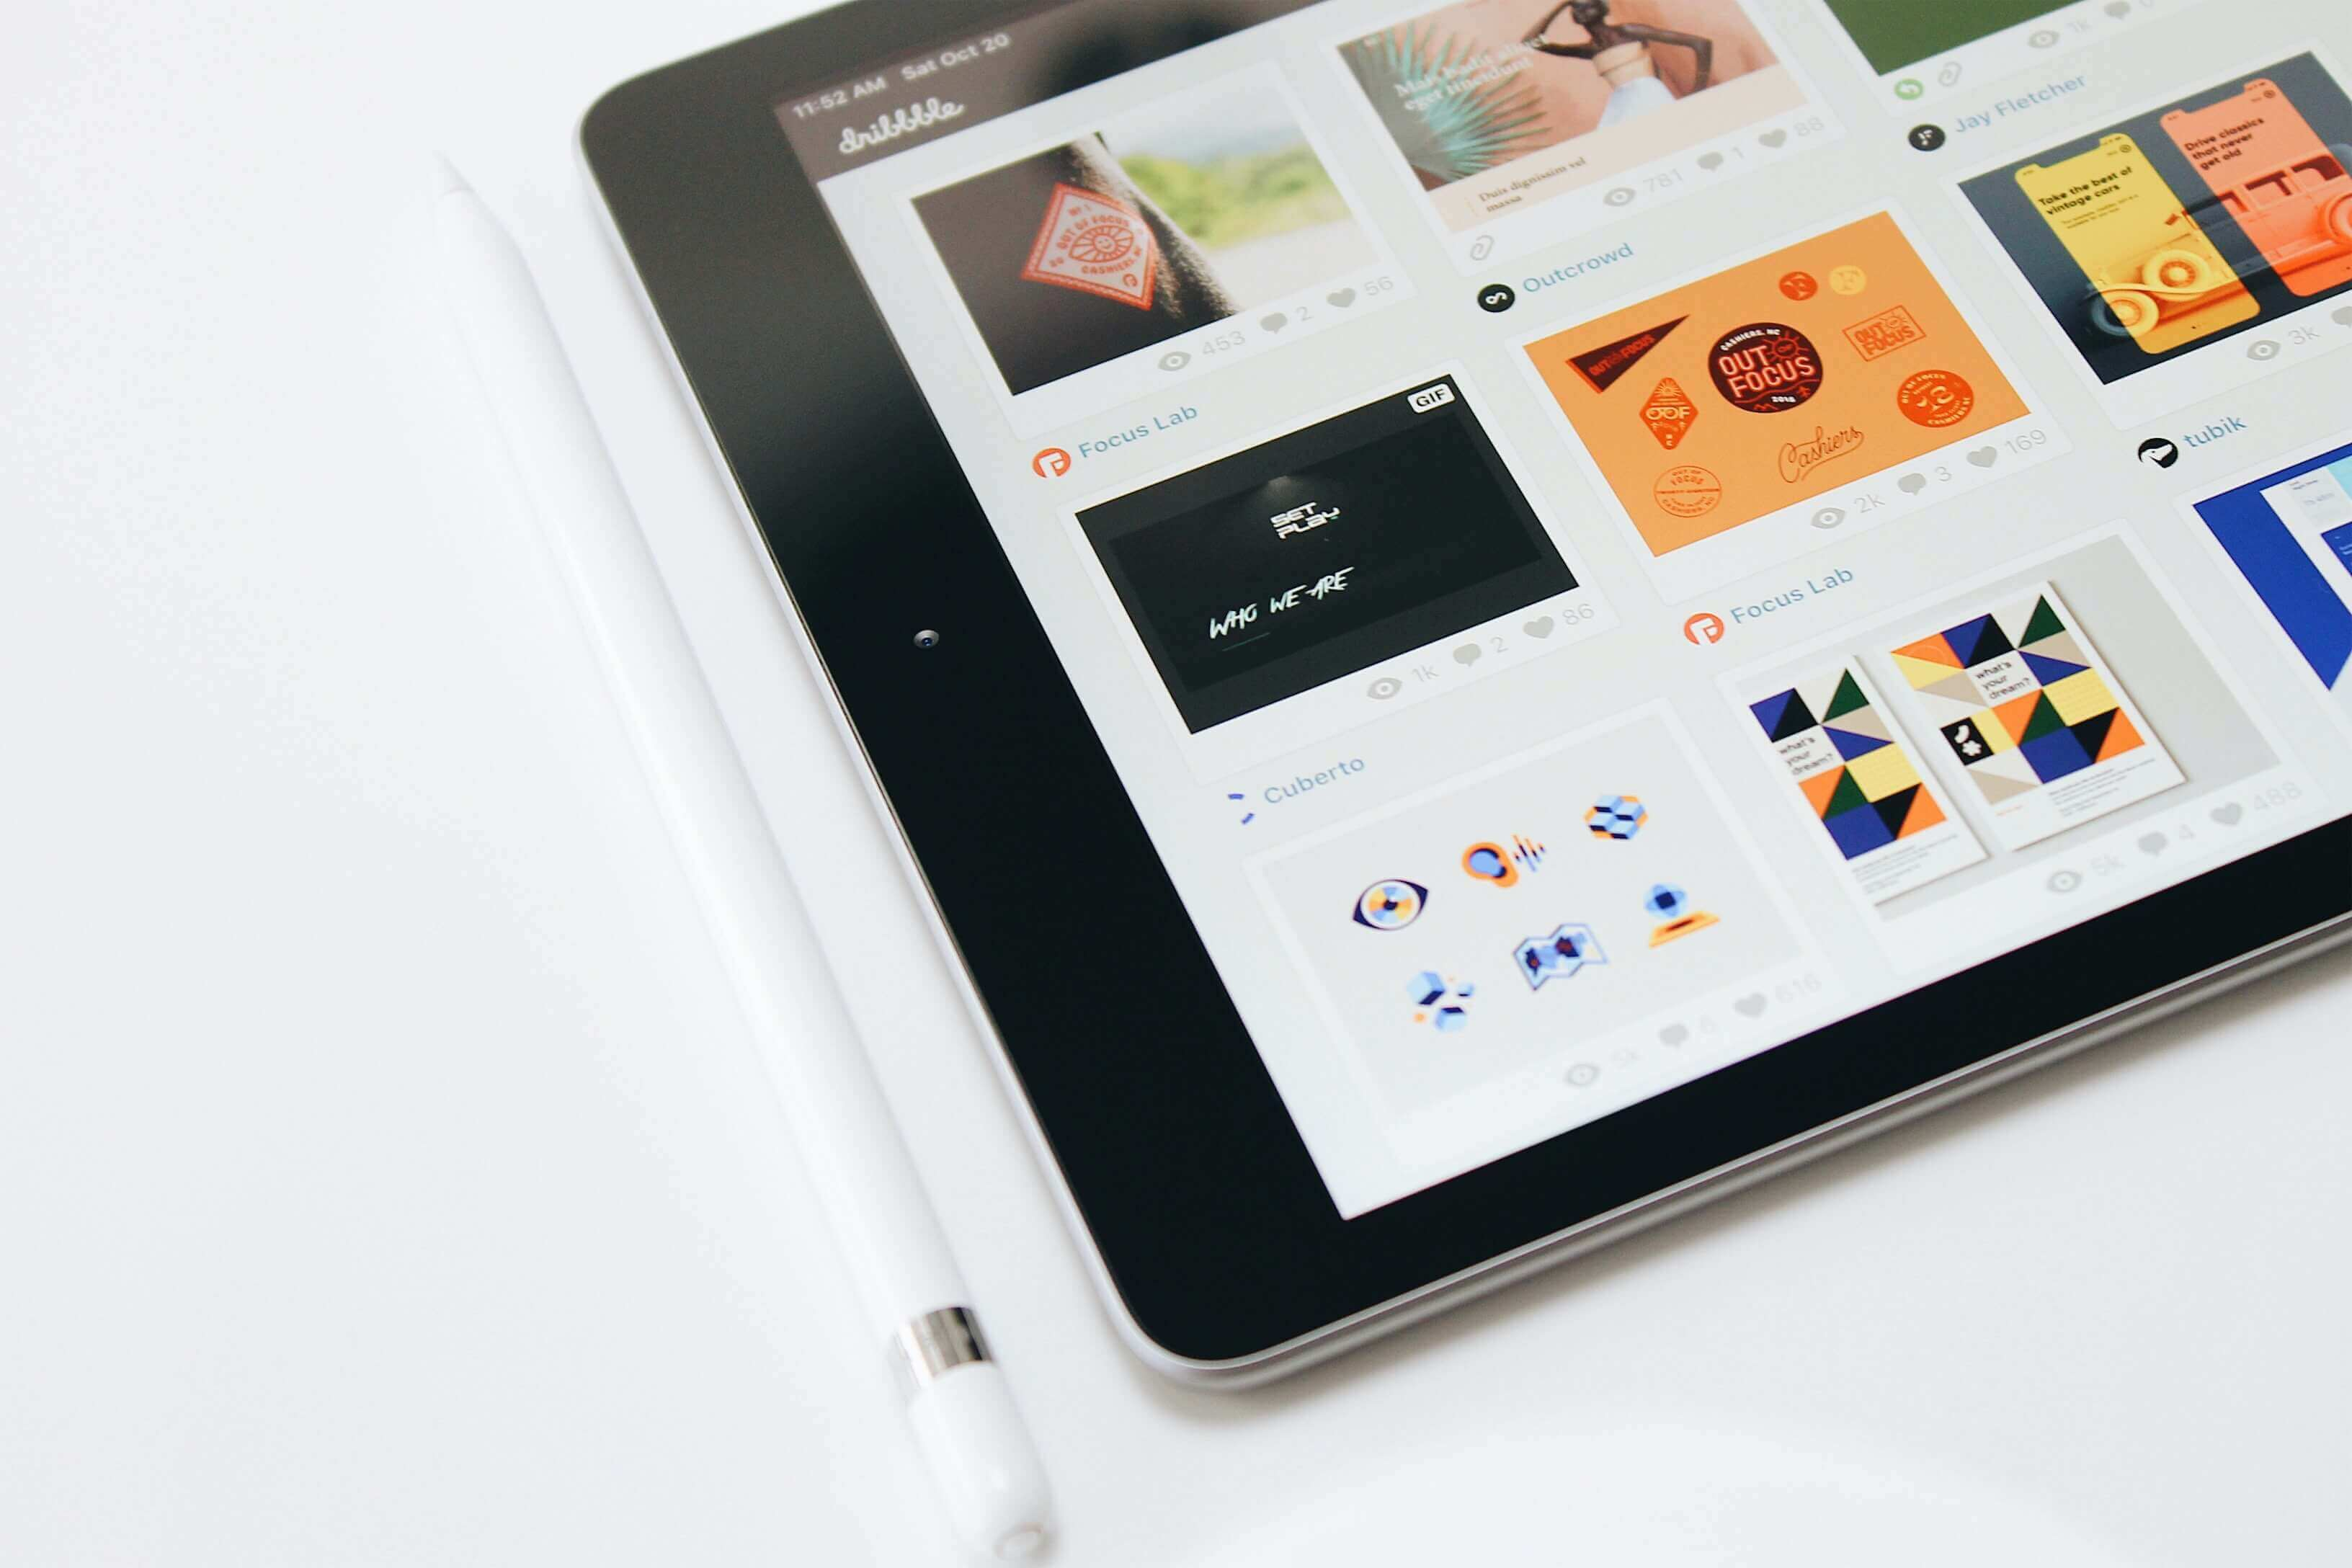 iPad on Desk